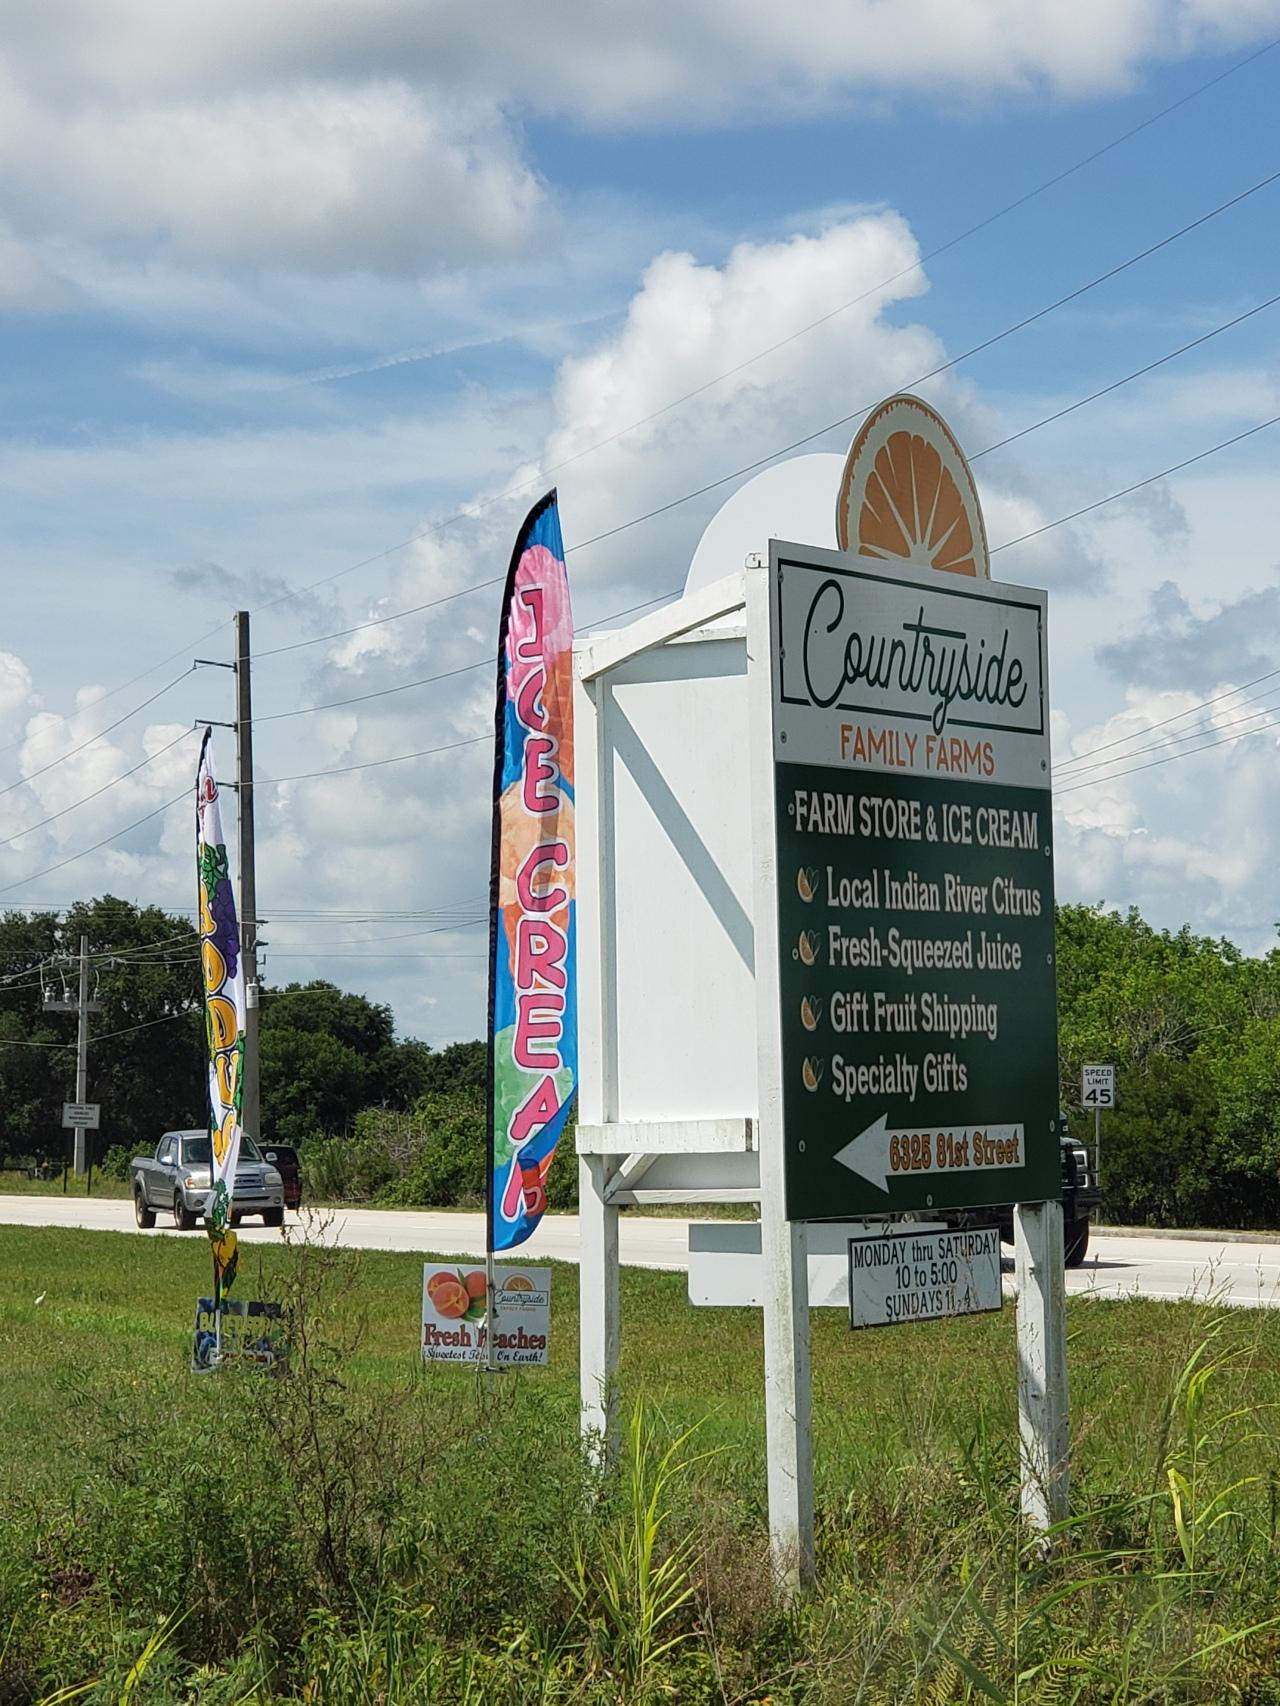 Countryside Family Farms in Vero Beach,Florida